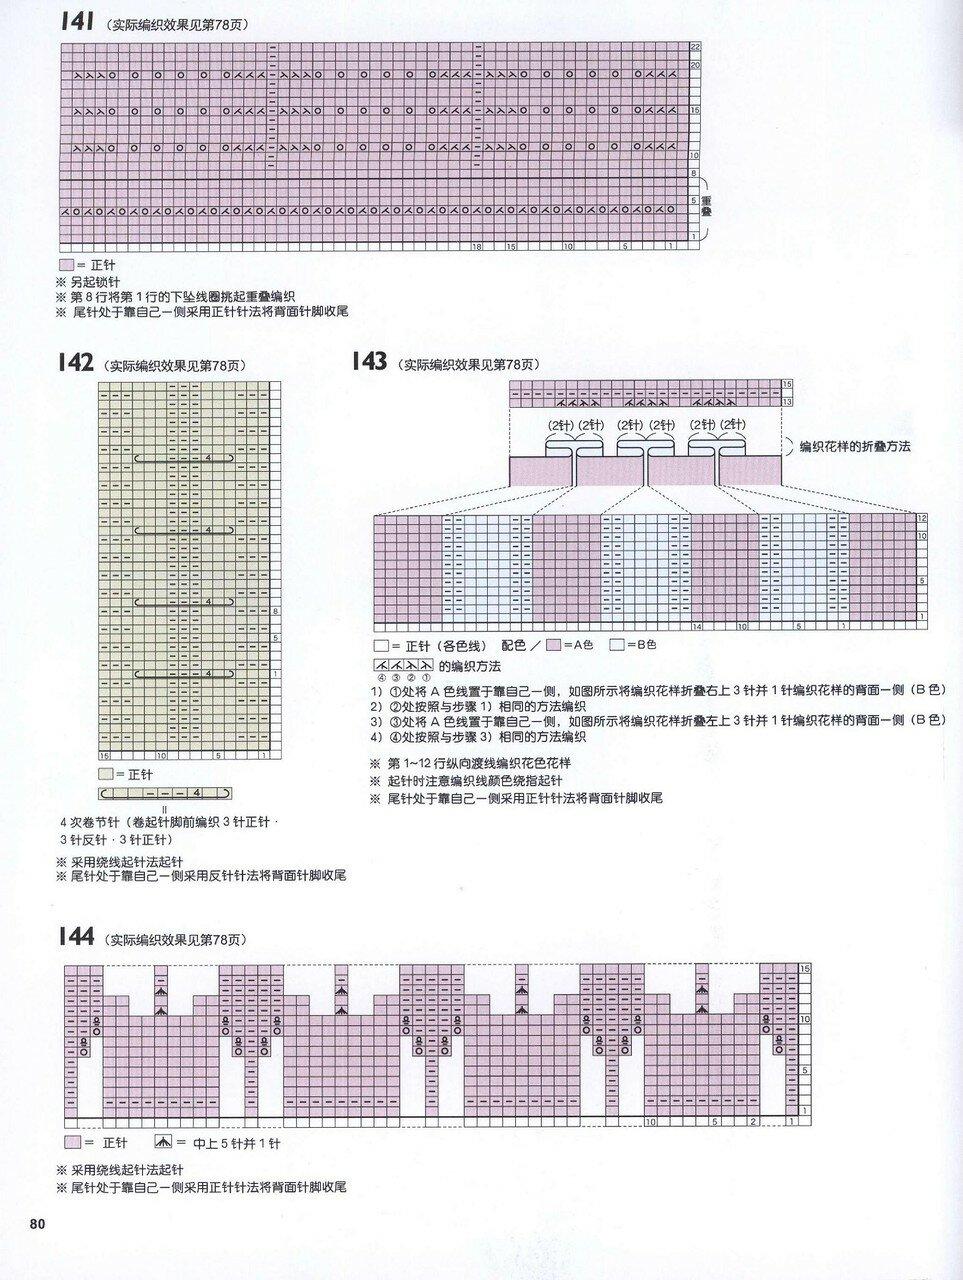 150 Knitting_82.jpg